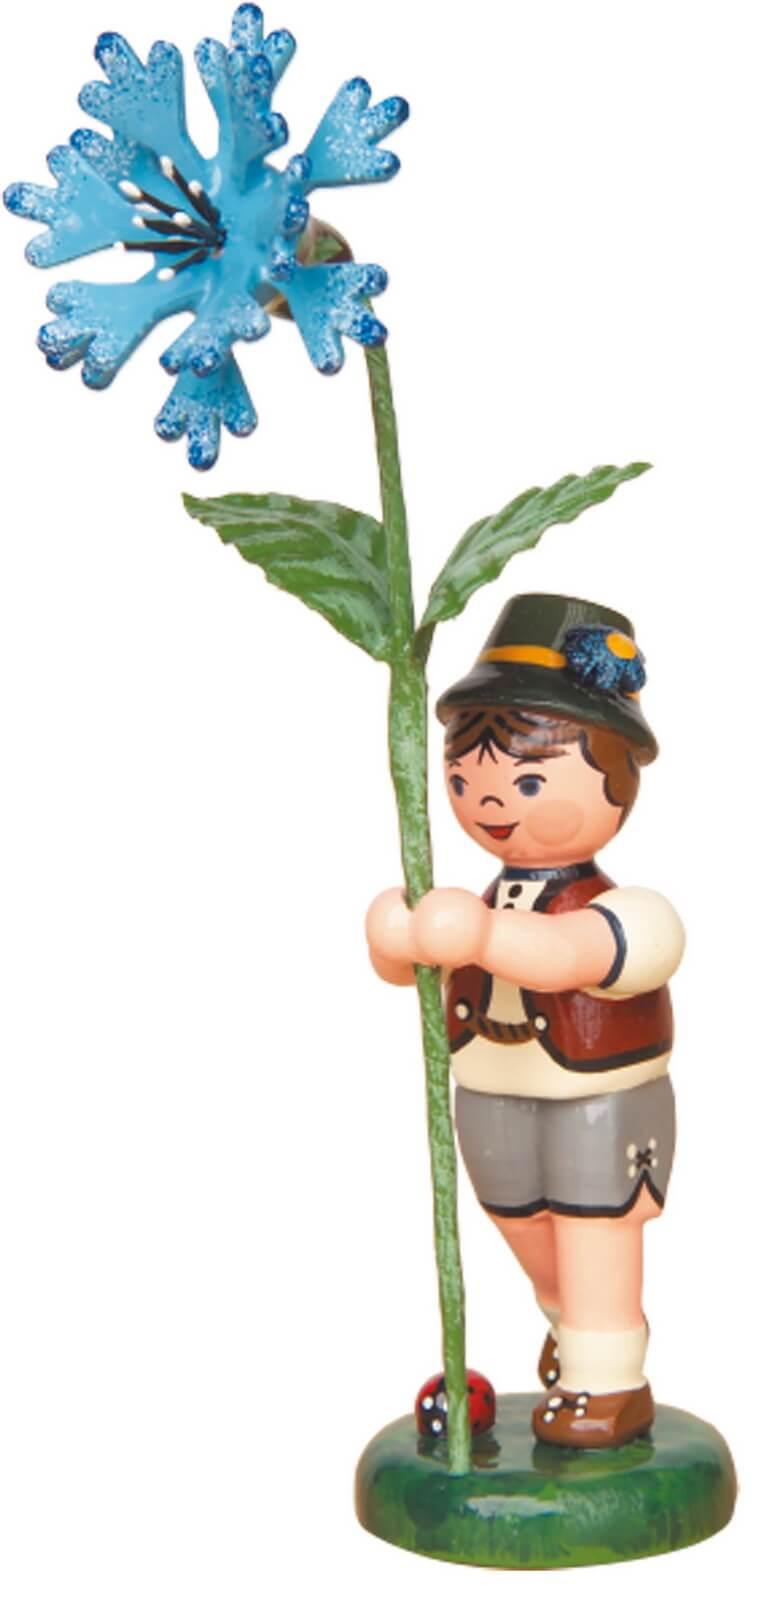 Junge mit Kornblume aus Holz von der Serie Hubrig Blumenkinder